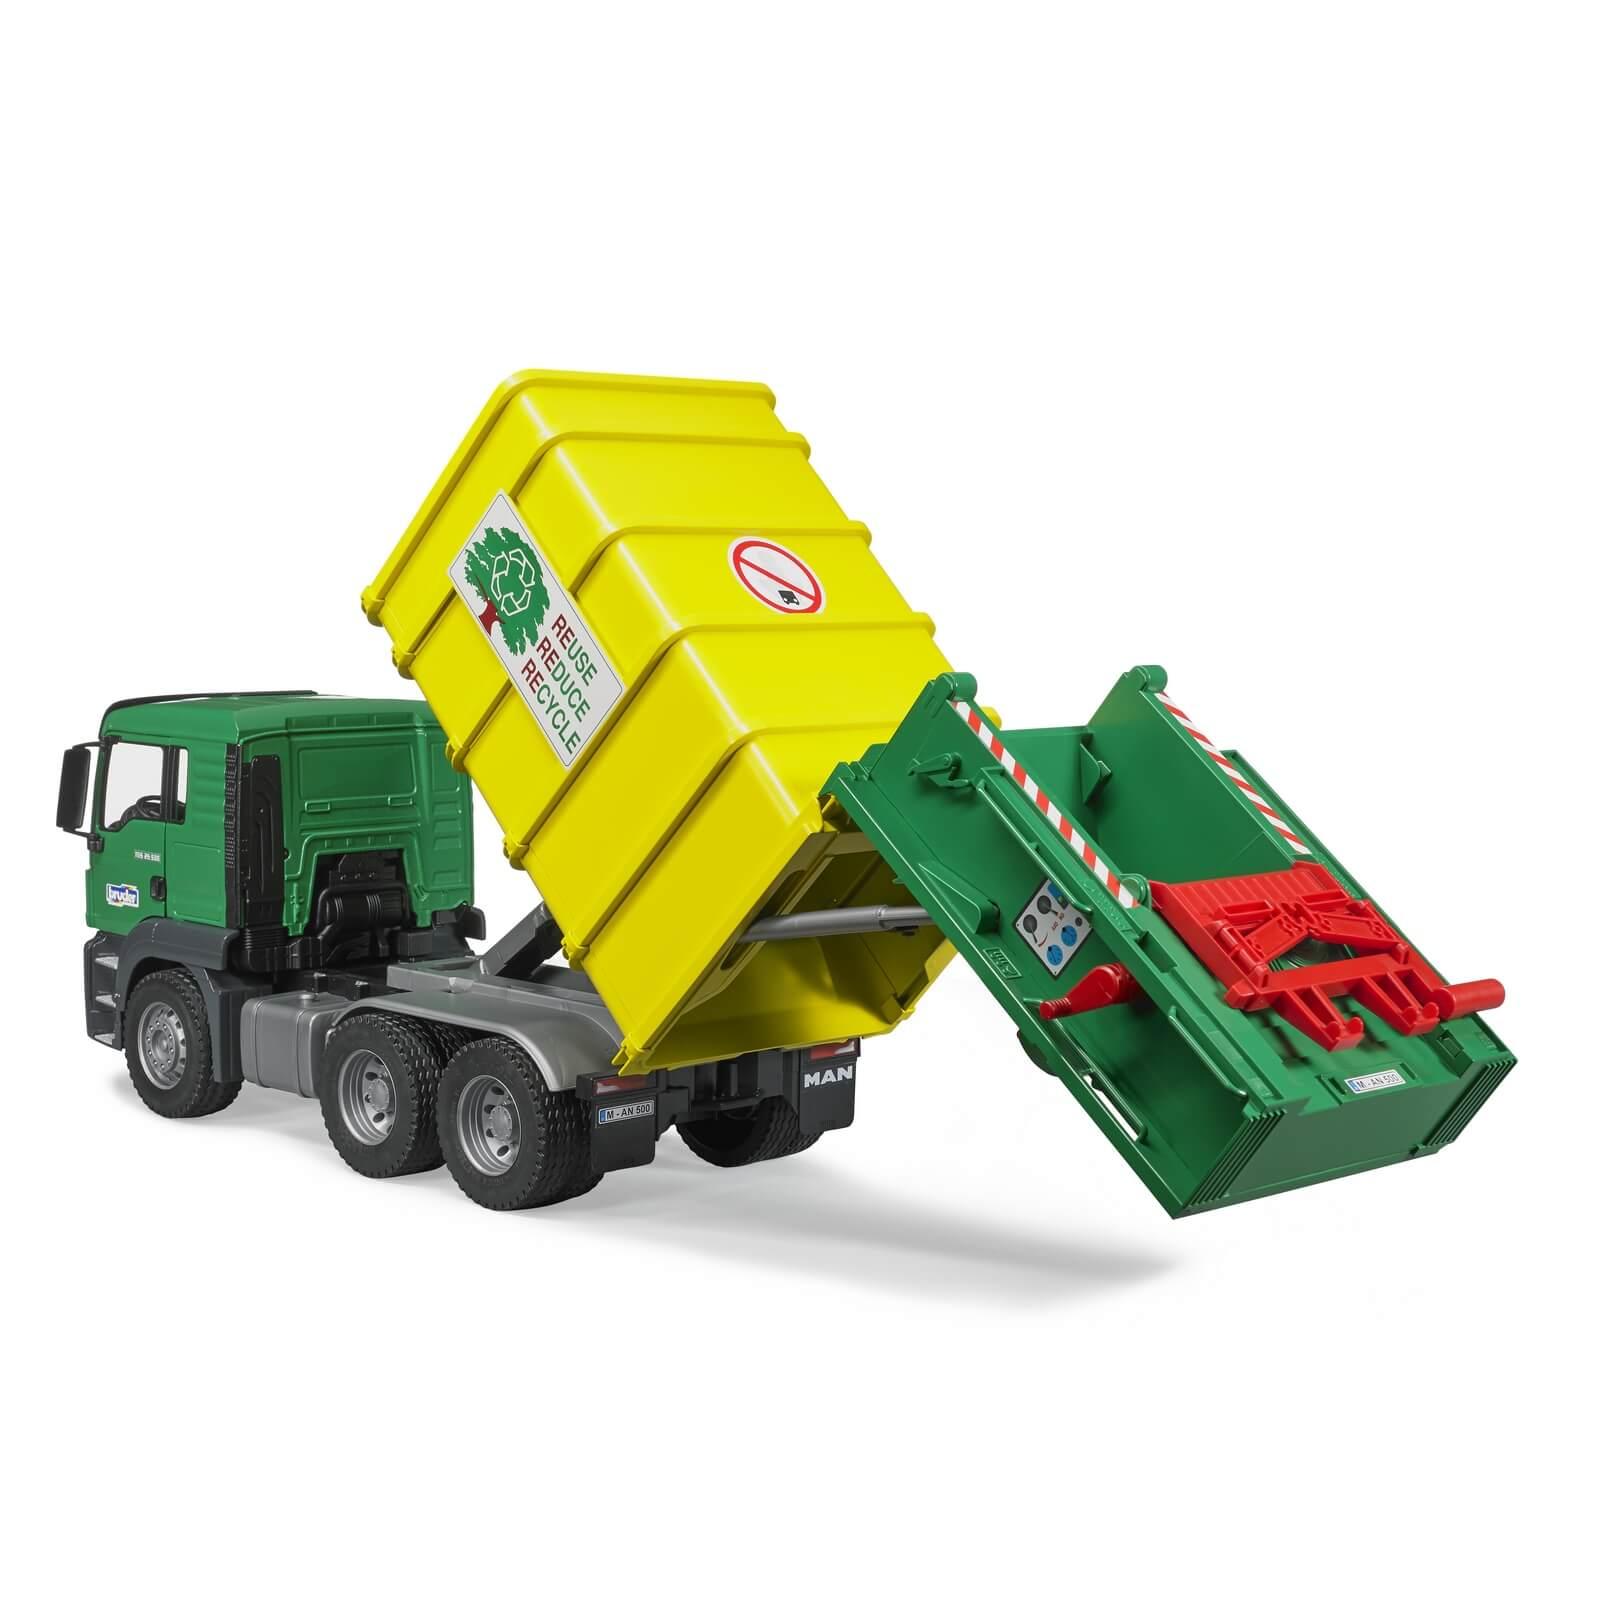 Bruder Man Tgs Rear Loading Garbage Truck Green Jadrem Toys